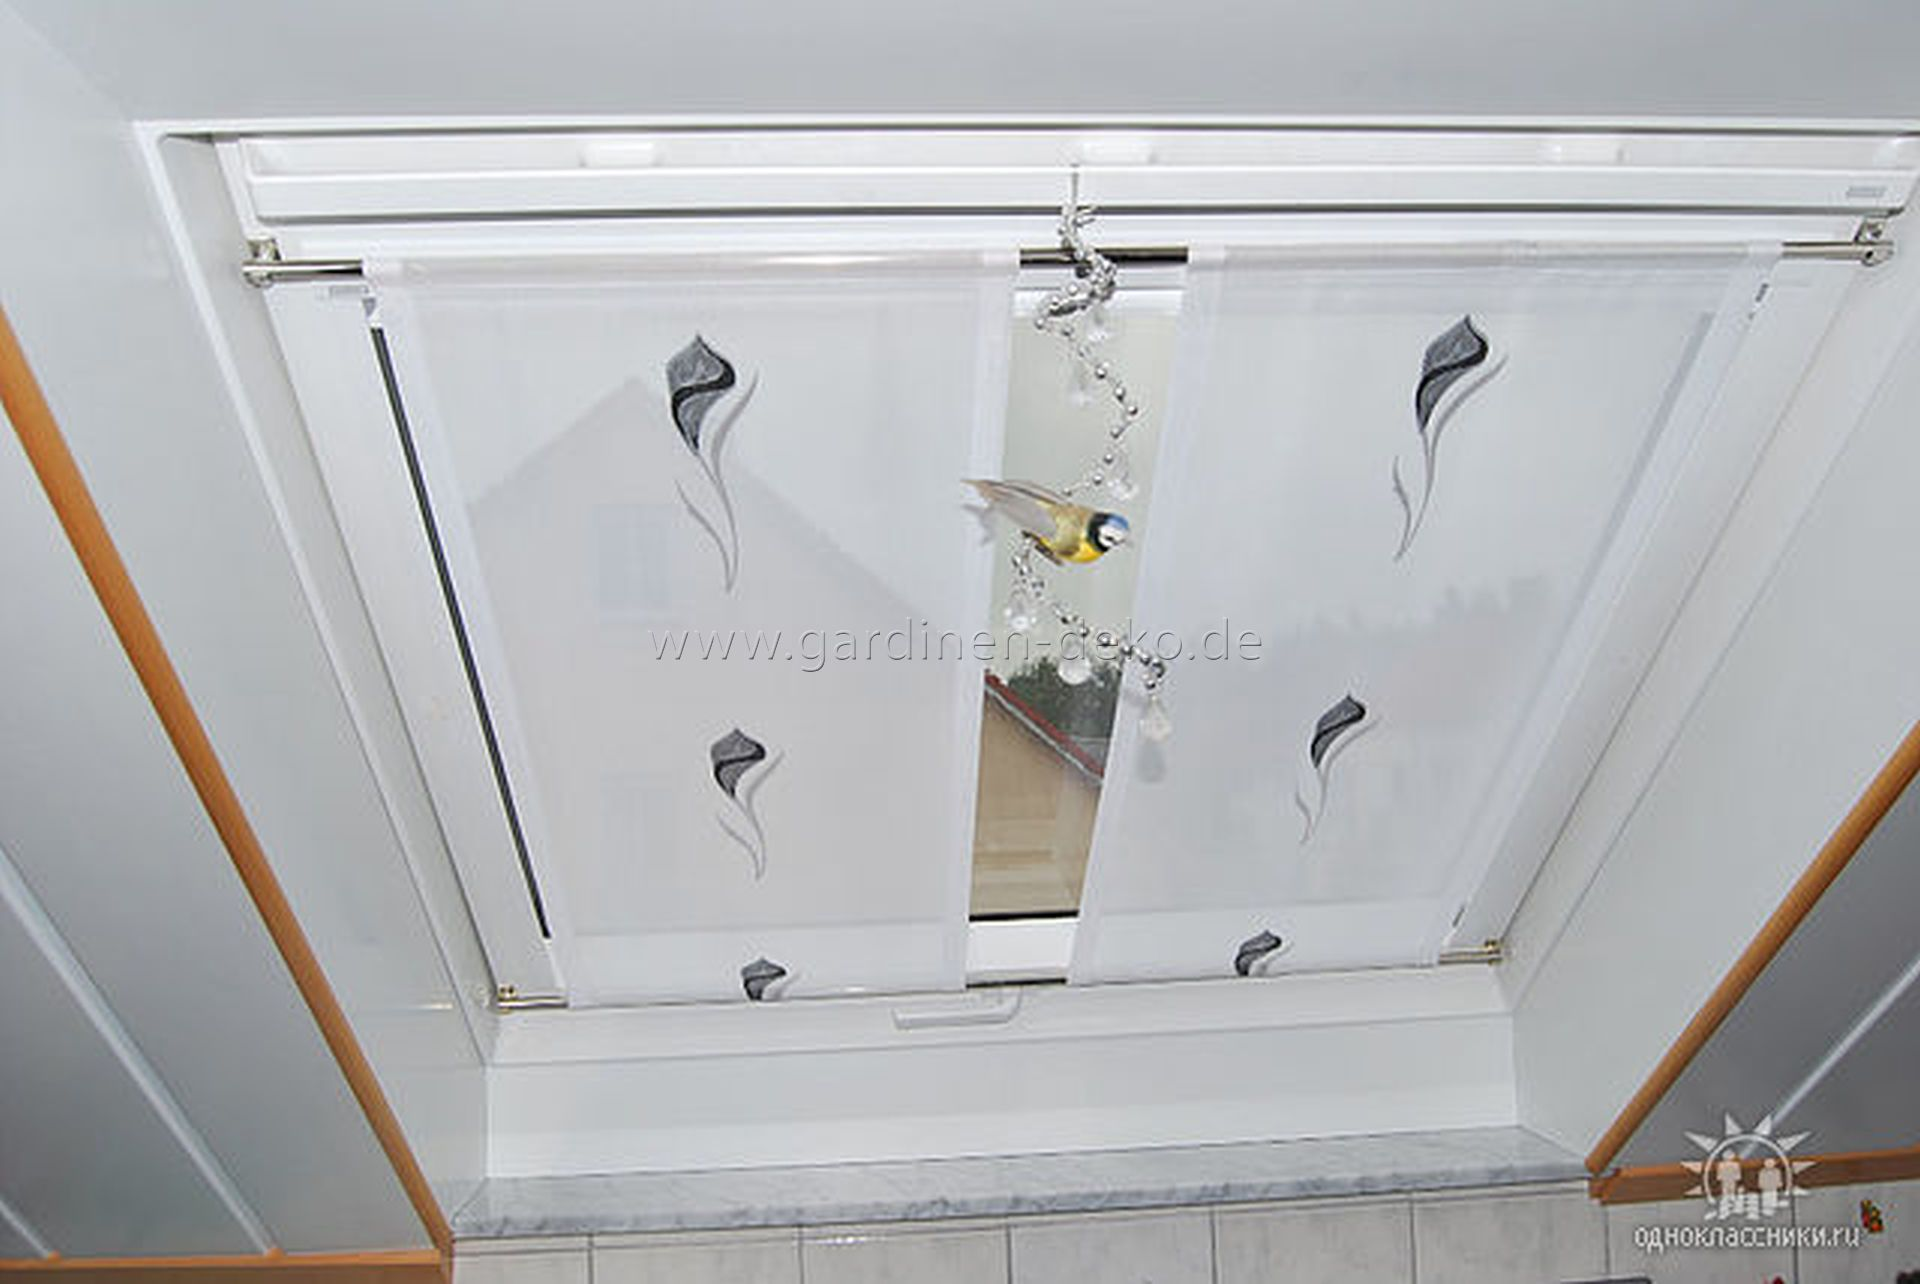 Heller statischer Vorhang für Dachschrägen mit Blumenmuster - http ...